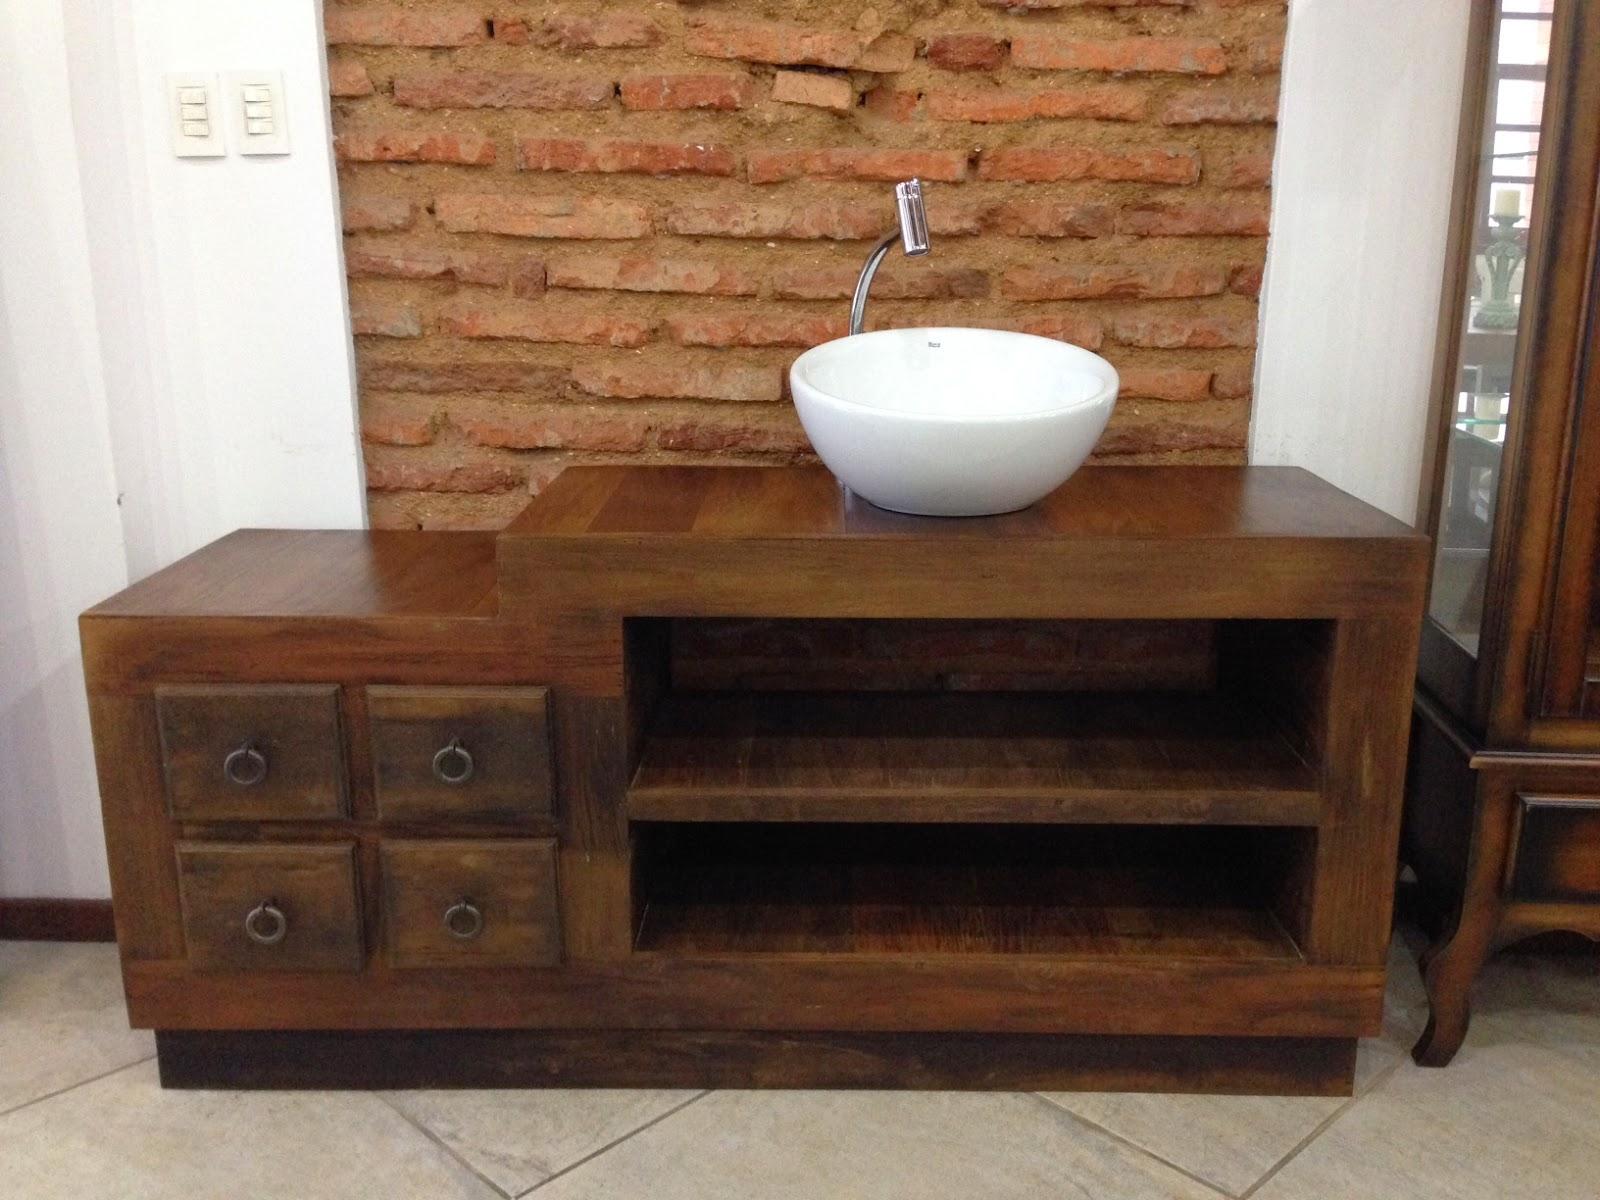 Casa Mix: Móvel para lavabo em madeira de demolição #673E24 1600x1200